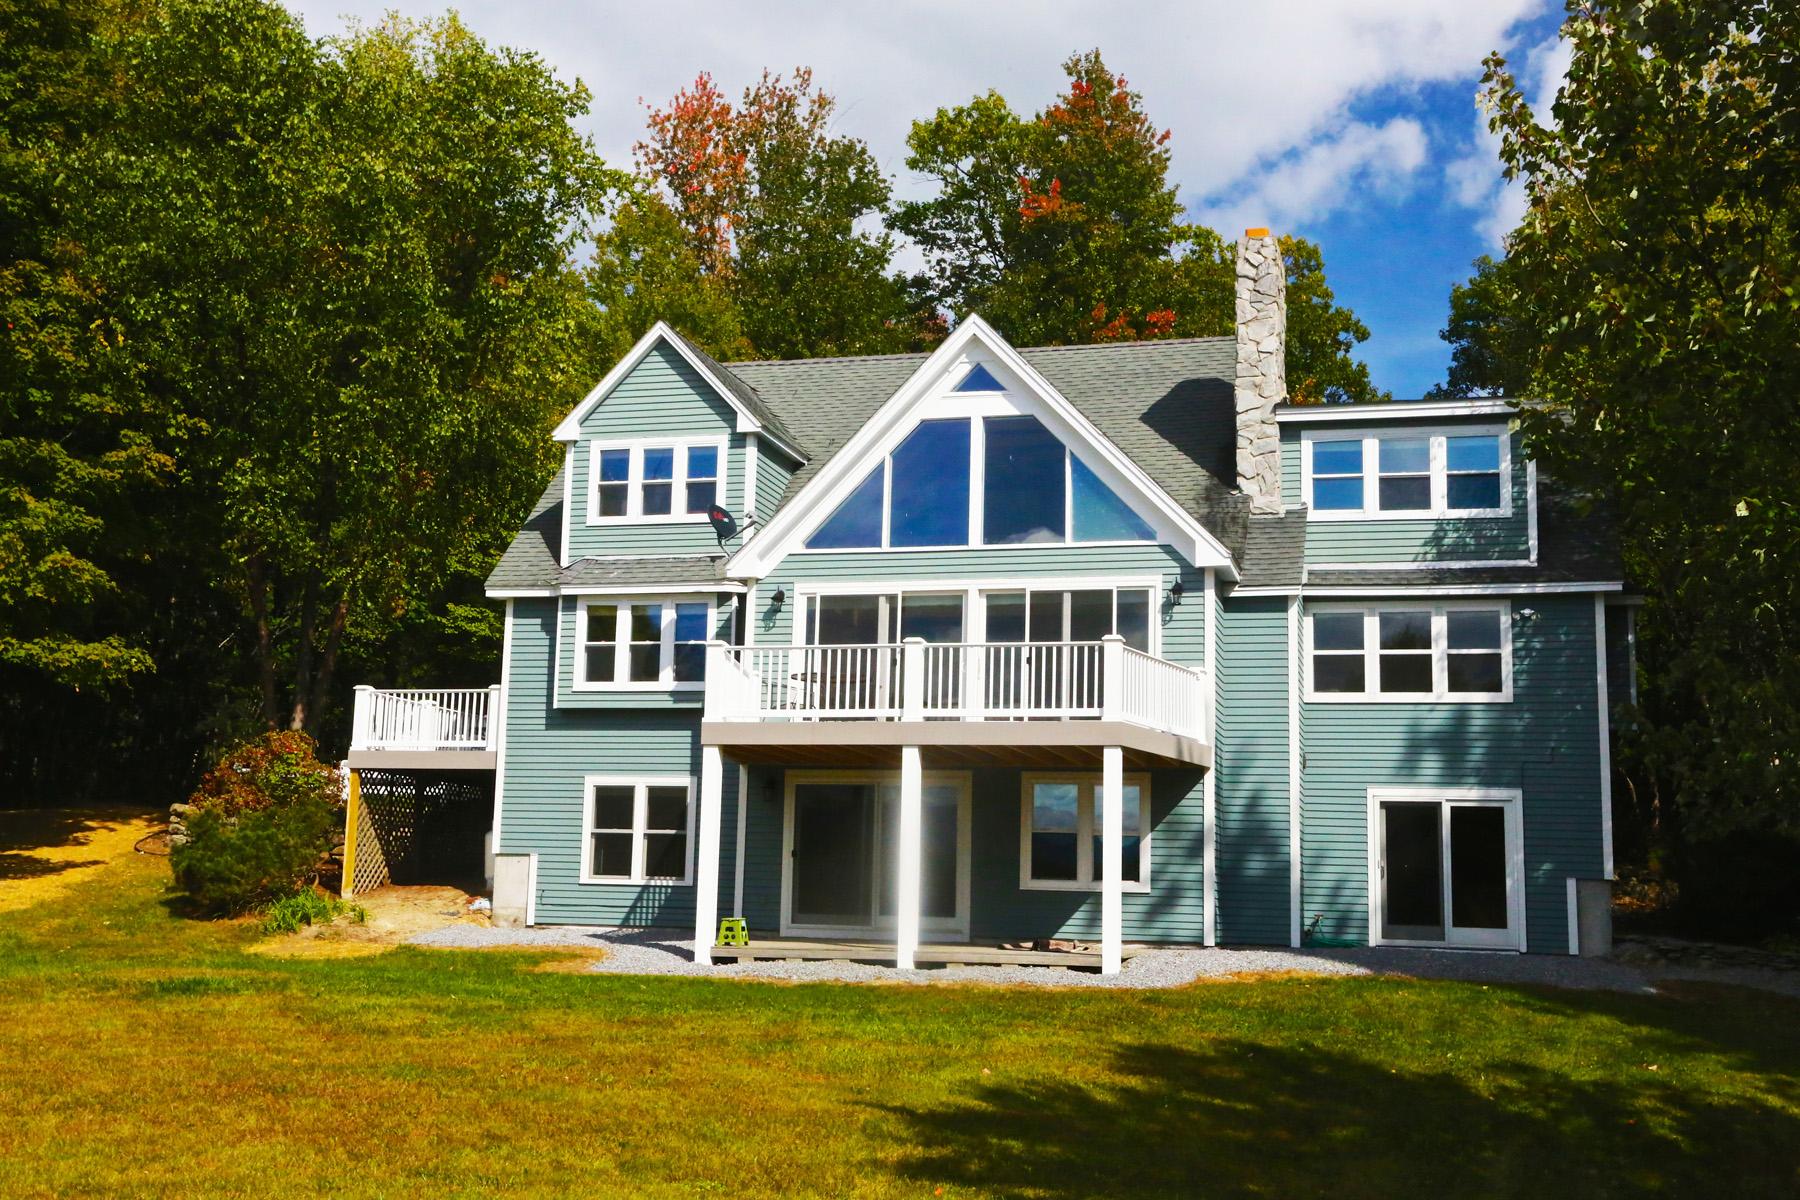 Частный односемейный дом для того Продажа на 231 Old Province Road, Goshen 231 Old Province Rd Goshen, Нью-Гэмпшир, 03752 Соединенные Штаты